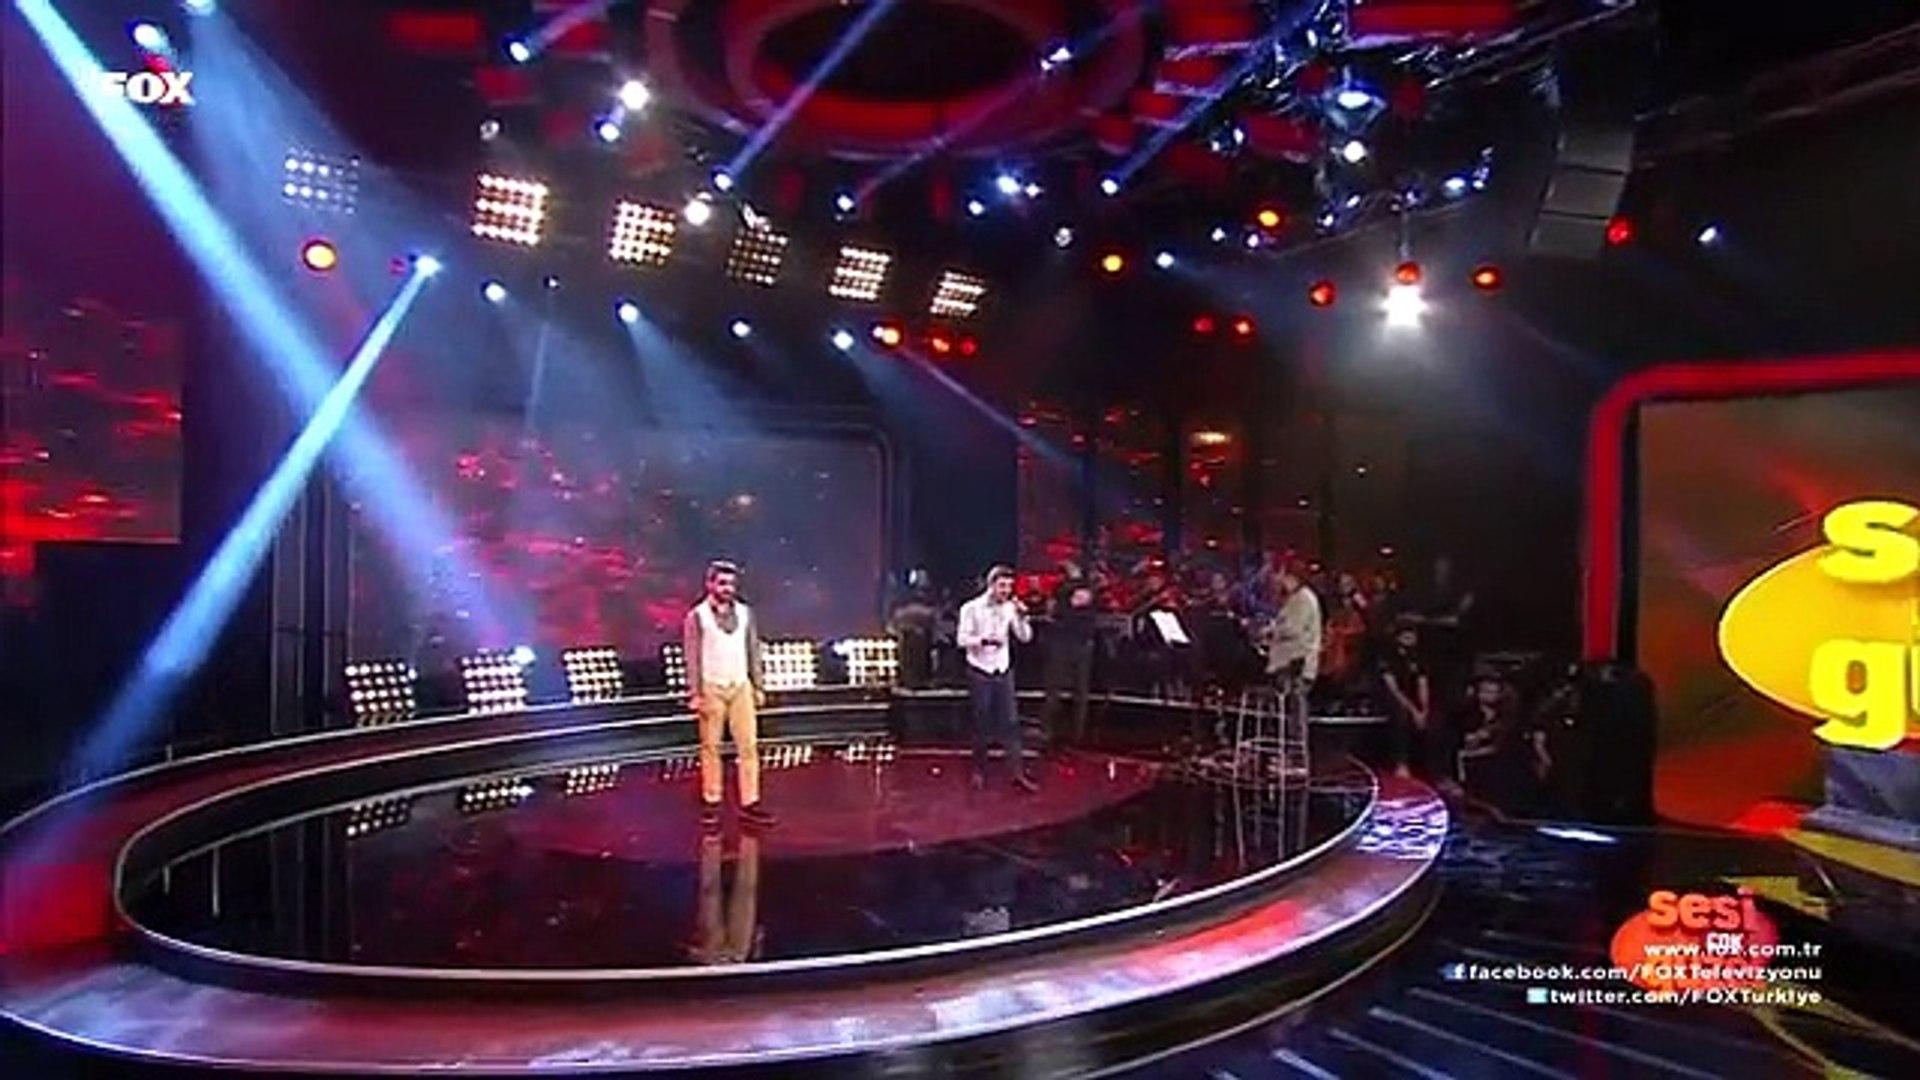 Sesi Çok Güzel 5.Bölüm izle 13 Mayıs 2015 Full izle, HD izle, Tek Parça, Dizi izle,hd dizi,www.dizik